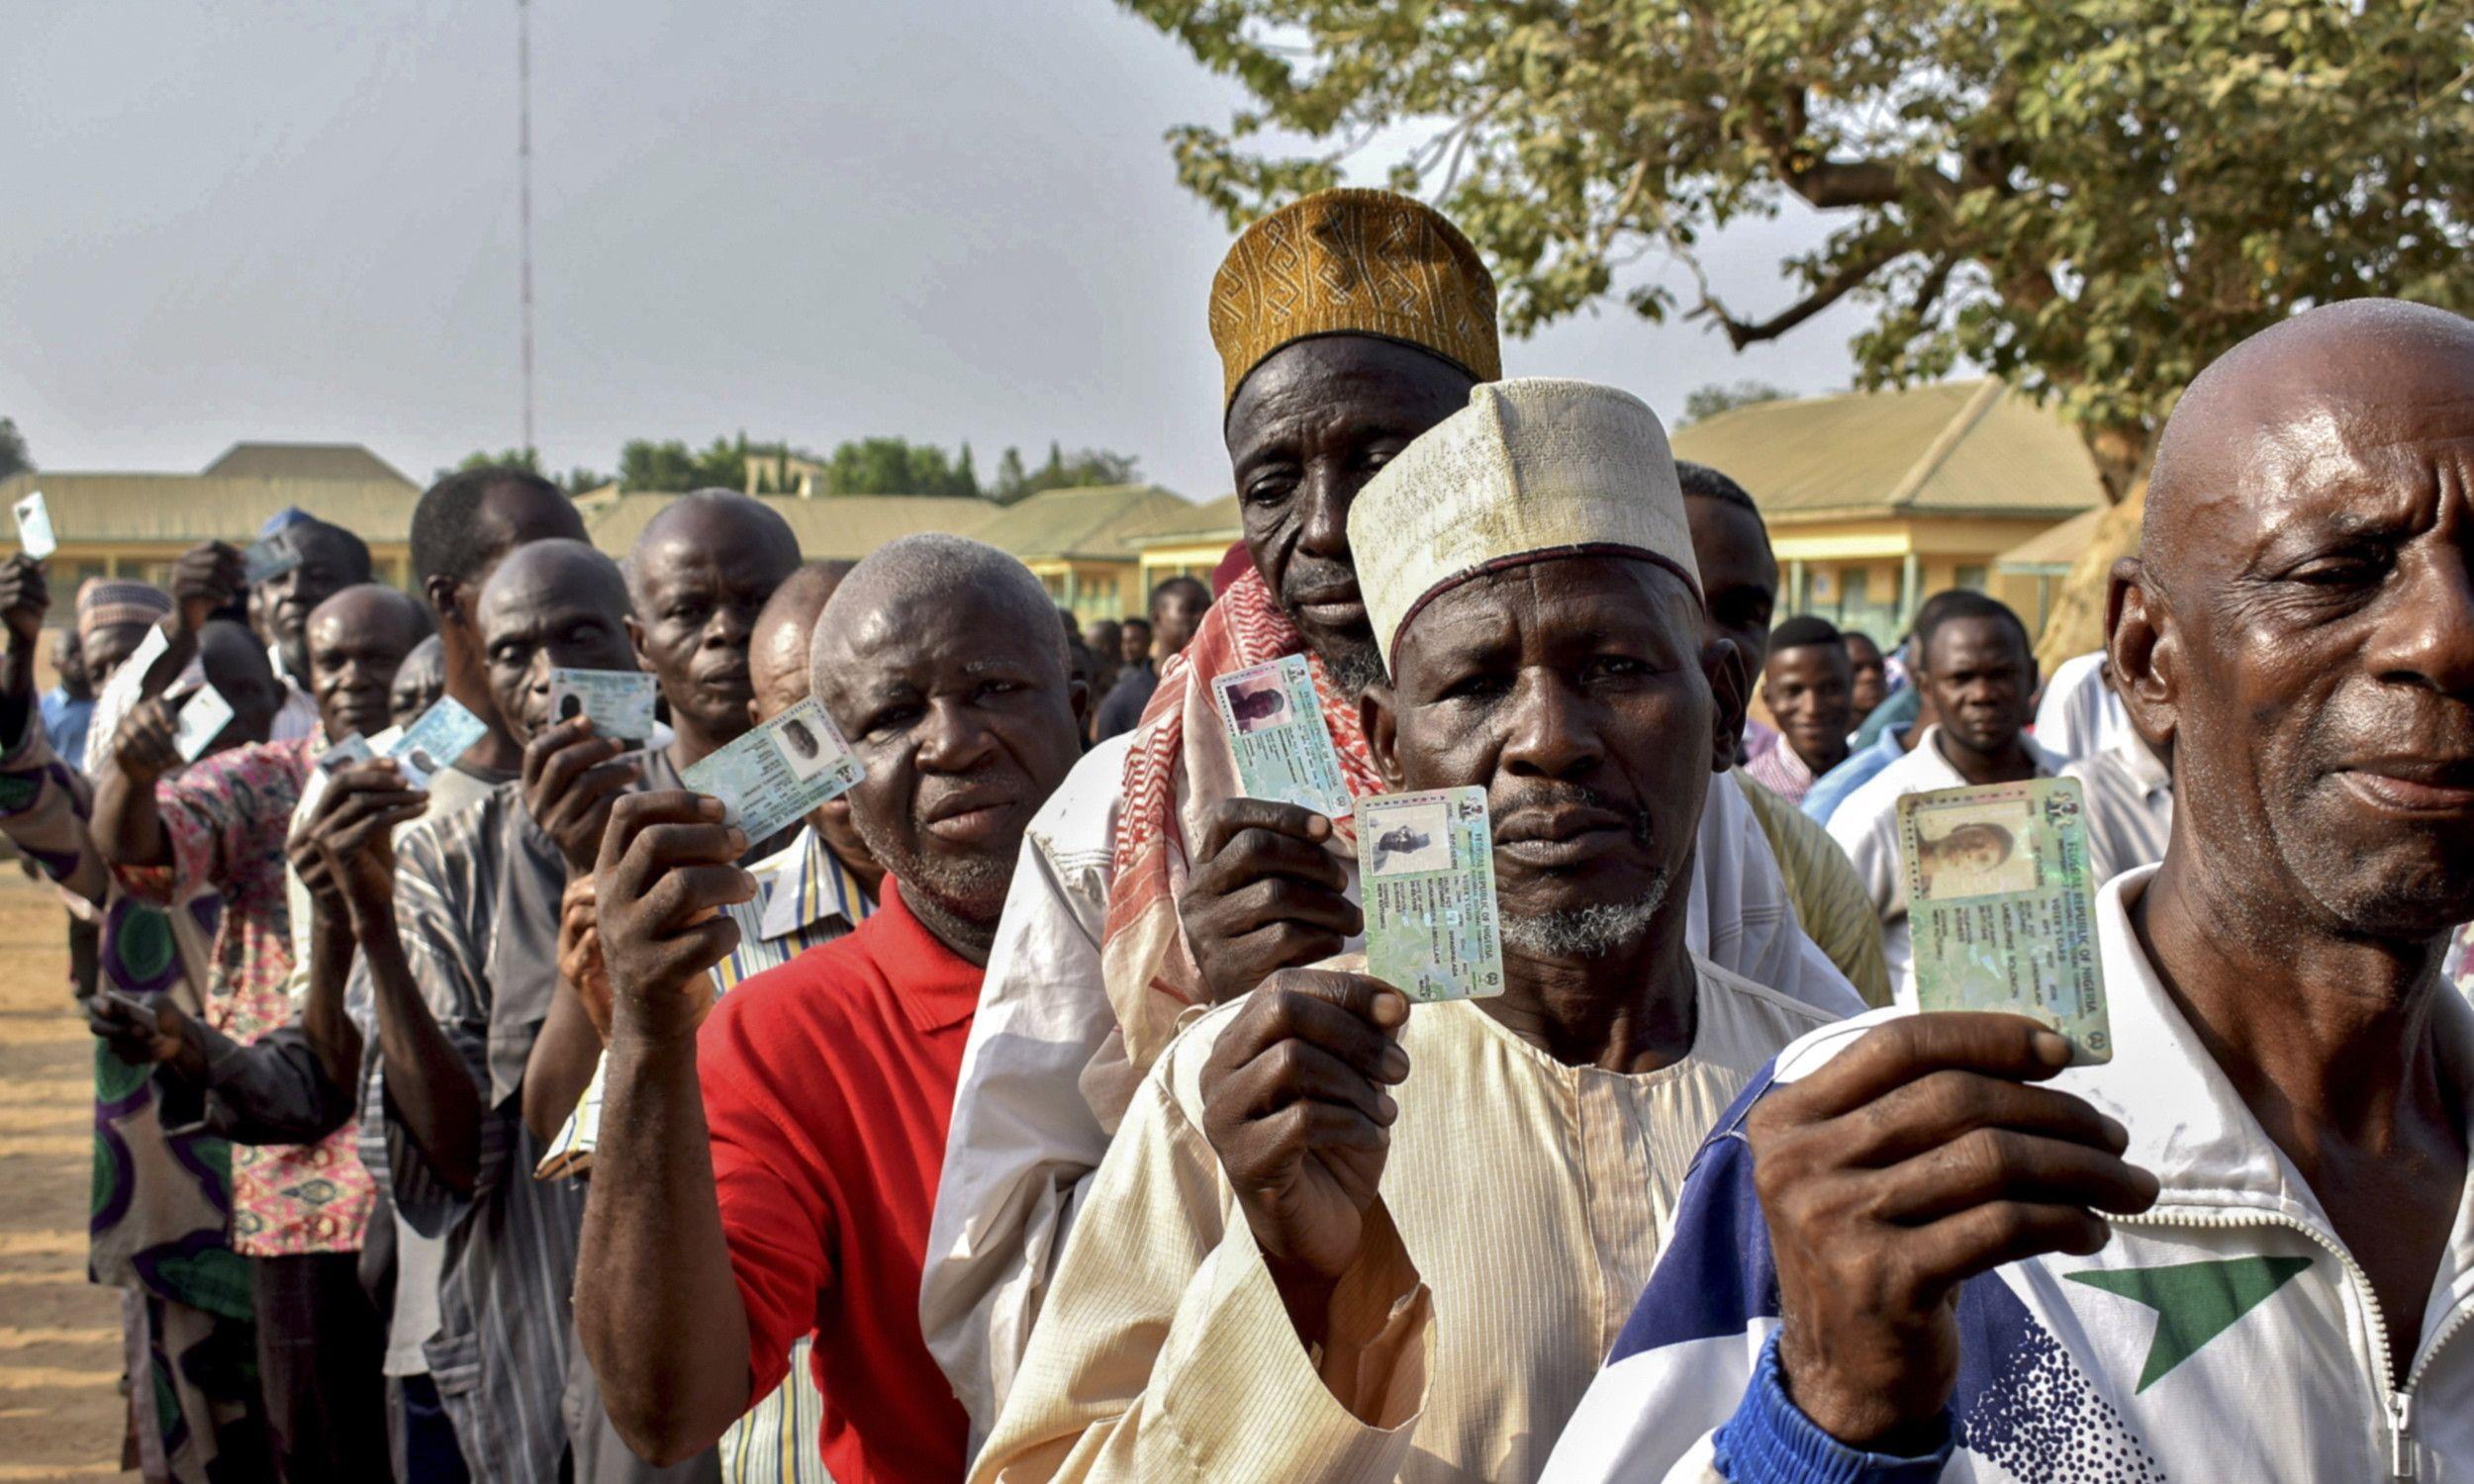 Nigeryjczycy pokazują swoje dokumenty upoważniające do głosowania w wyborach prezydenckich i parlamentarnych, Nigeria, 23 lutego 2019 r. Fot. PAP / EPA/STR